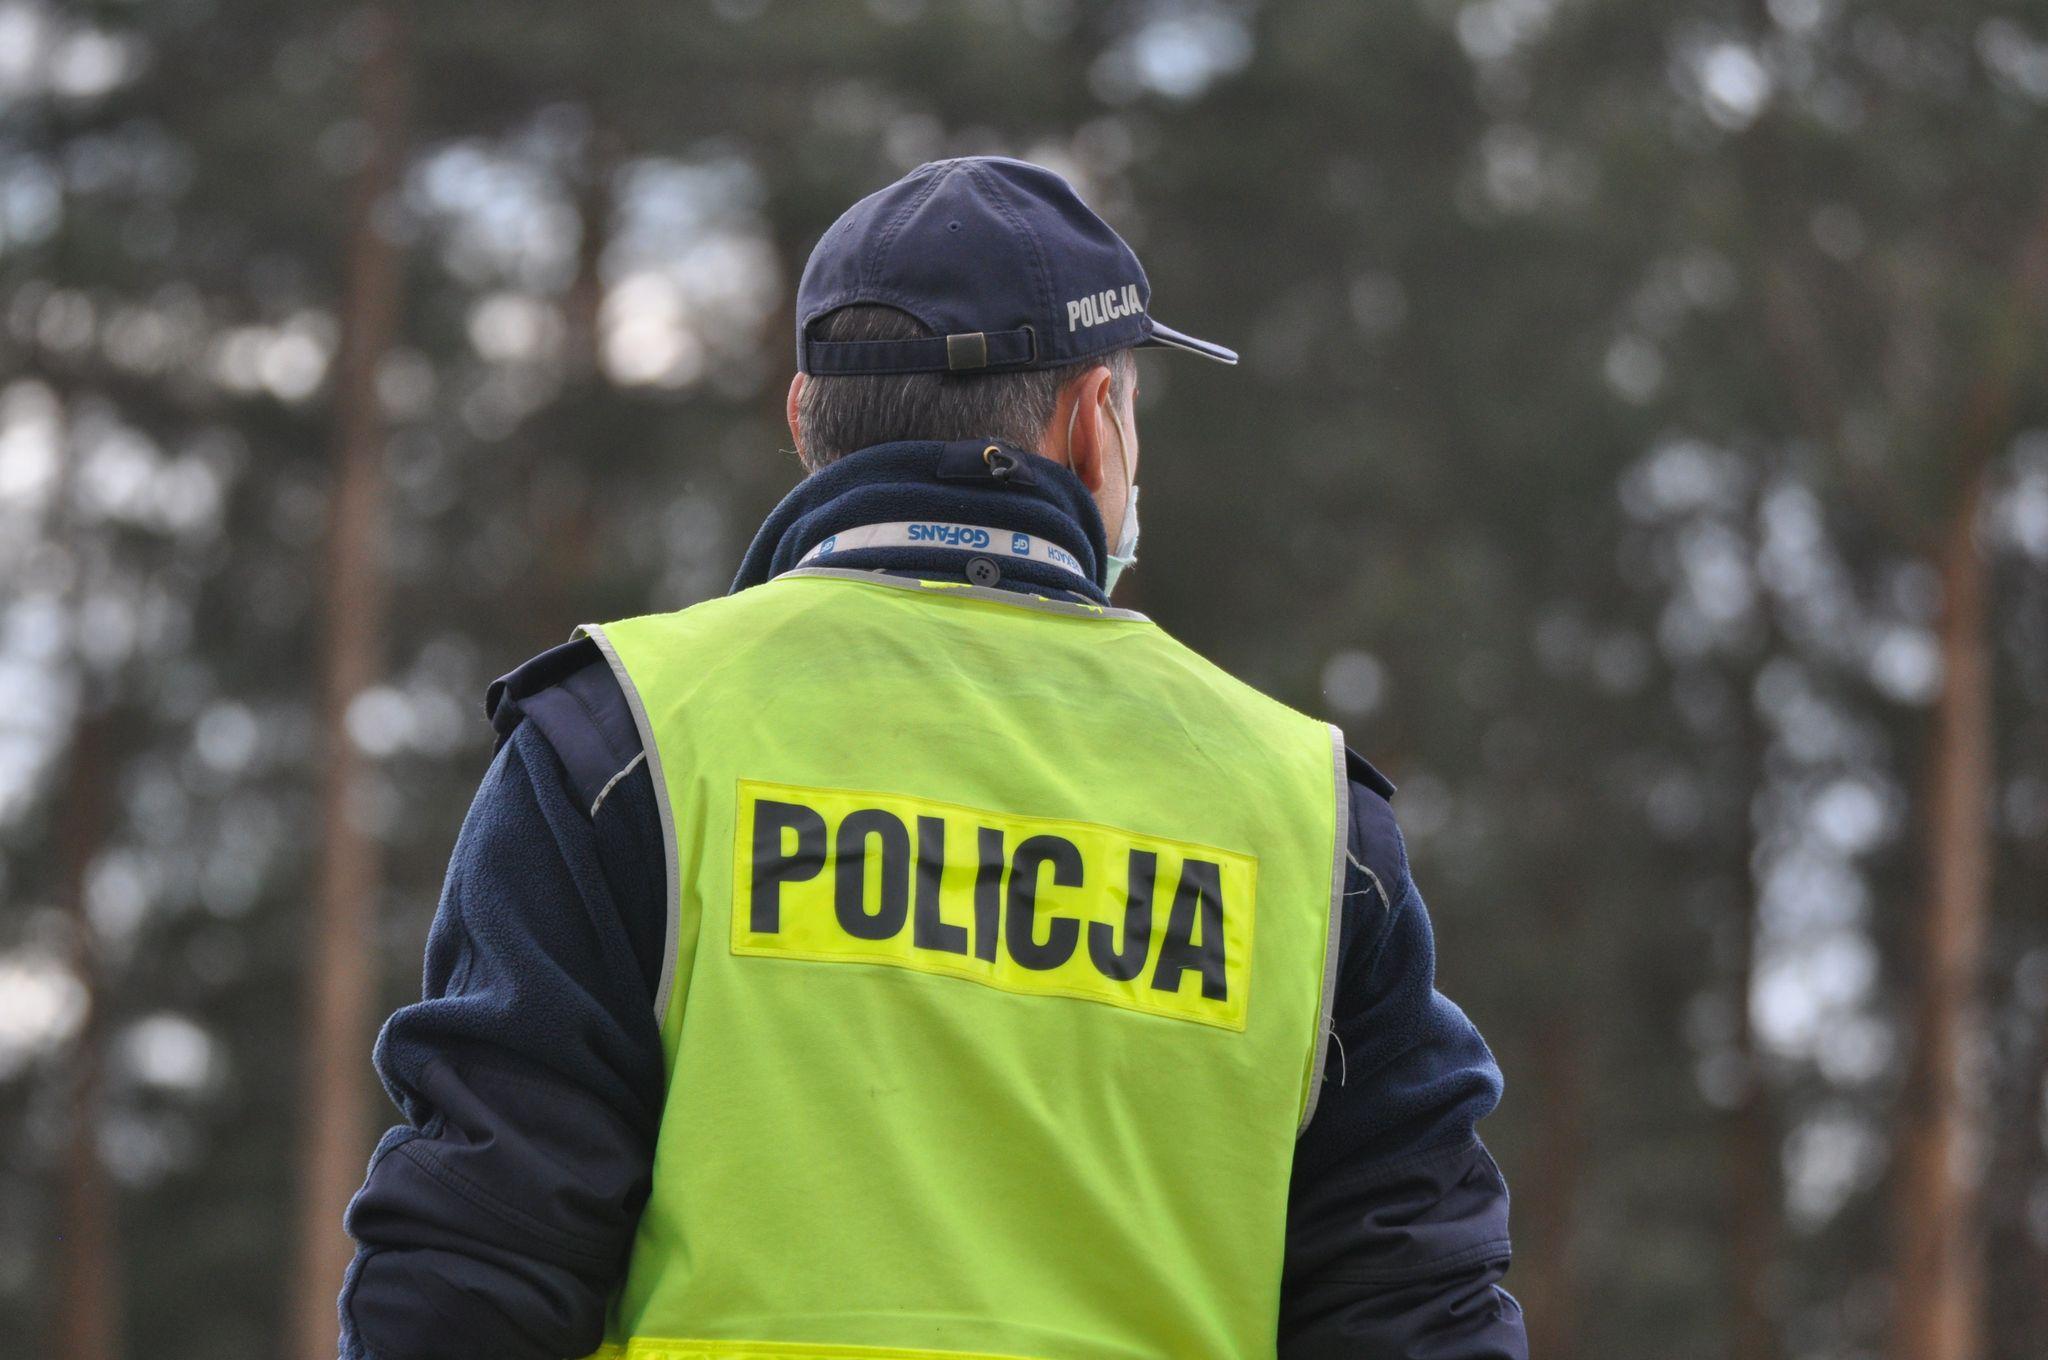 Wypadek w Woli Mieleckiej. Potrącony 6-latek [MAPA] [AKTUALIZACJA] - Zdjęcie główne